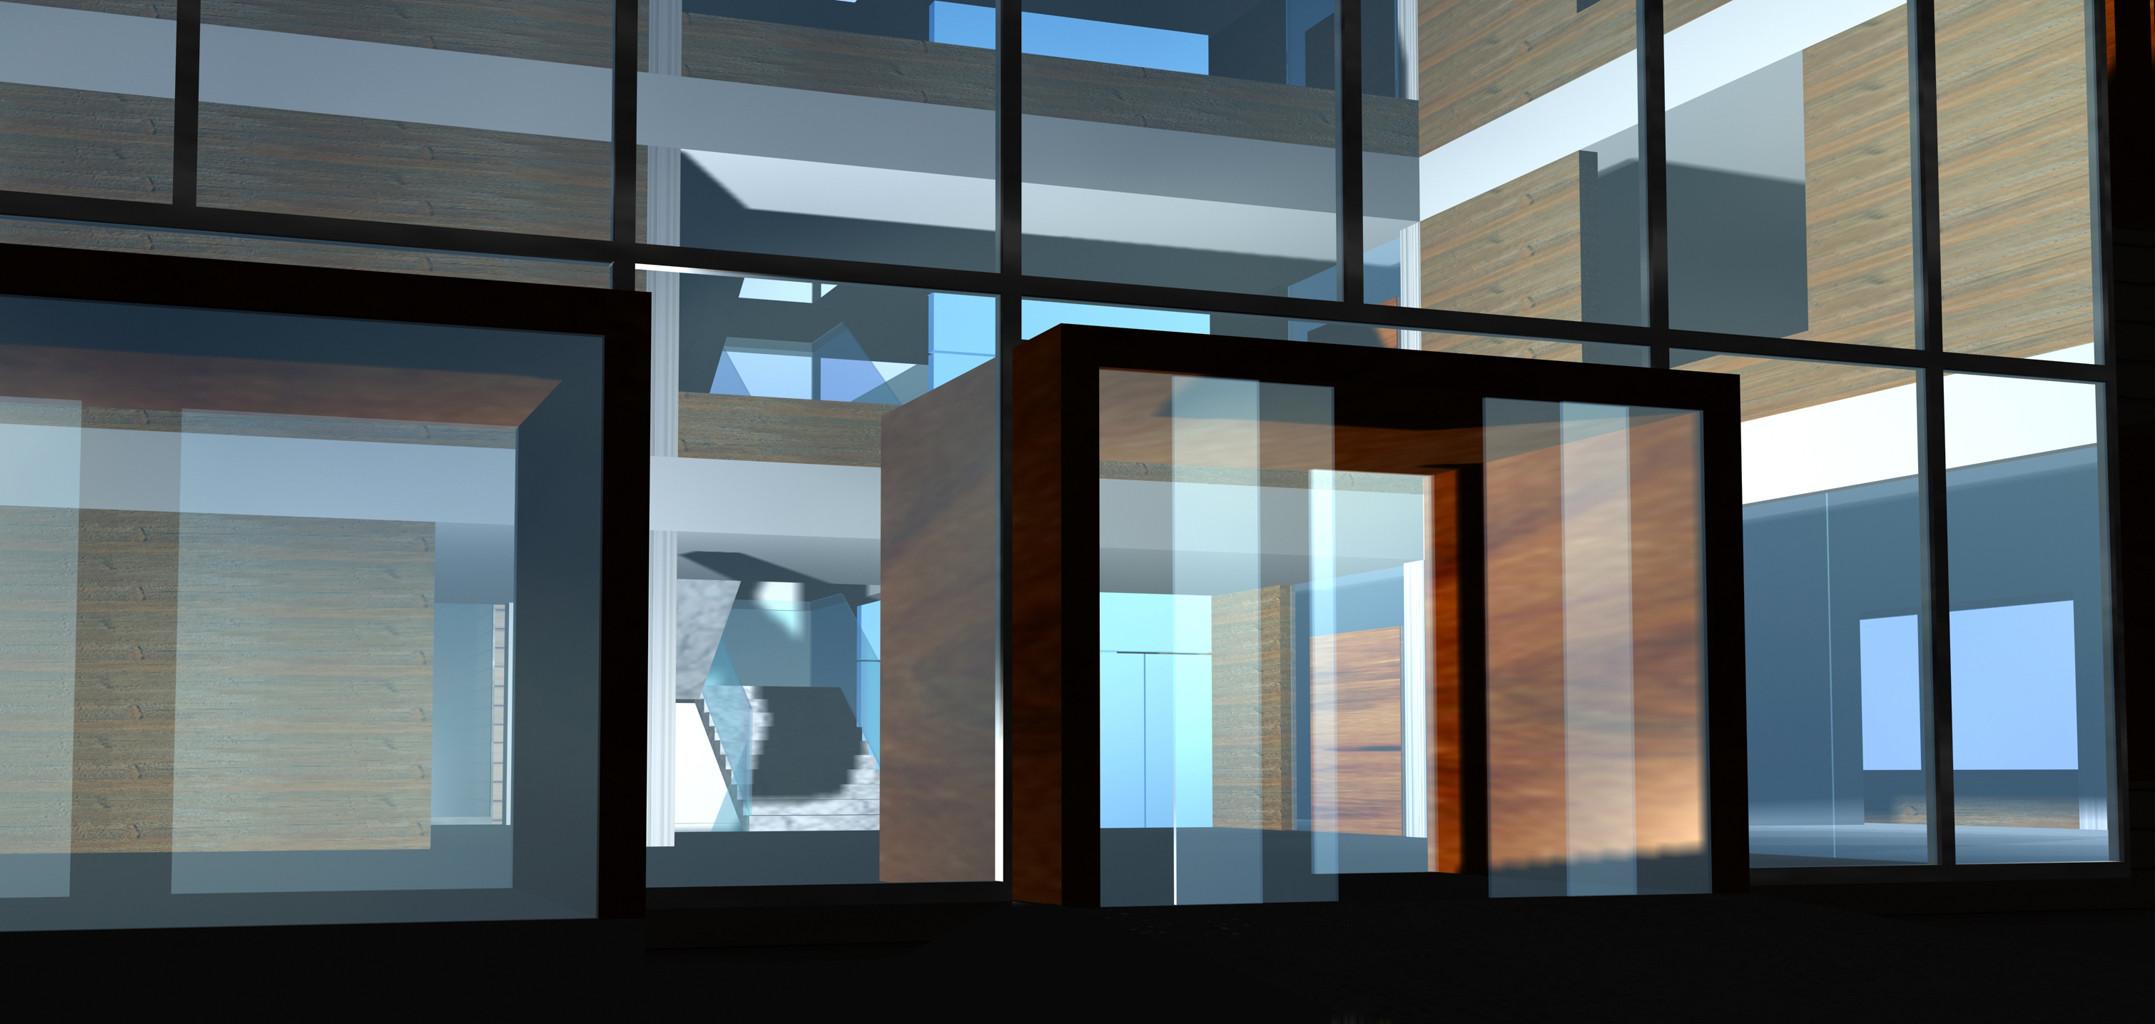 <p>© RUNSER / PRANTL architekten, Landespensionisten- und Pflegeheim, 3830 Waidhofen/Thaya, Niederösterreich, Österreich, Wettbewerb, 2002, Wohnhaus, Pflegeheim, Betreutes Wohnen, Senioren</p>